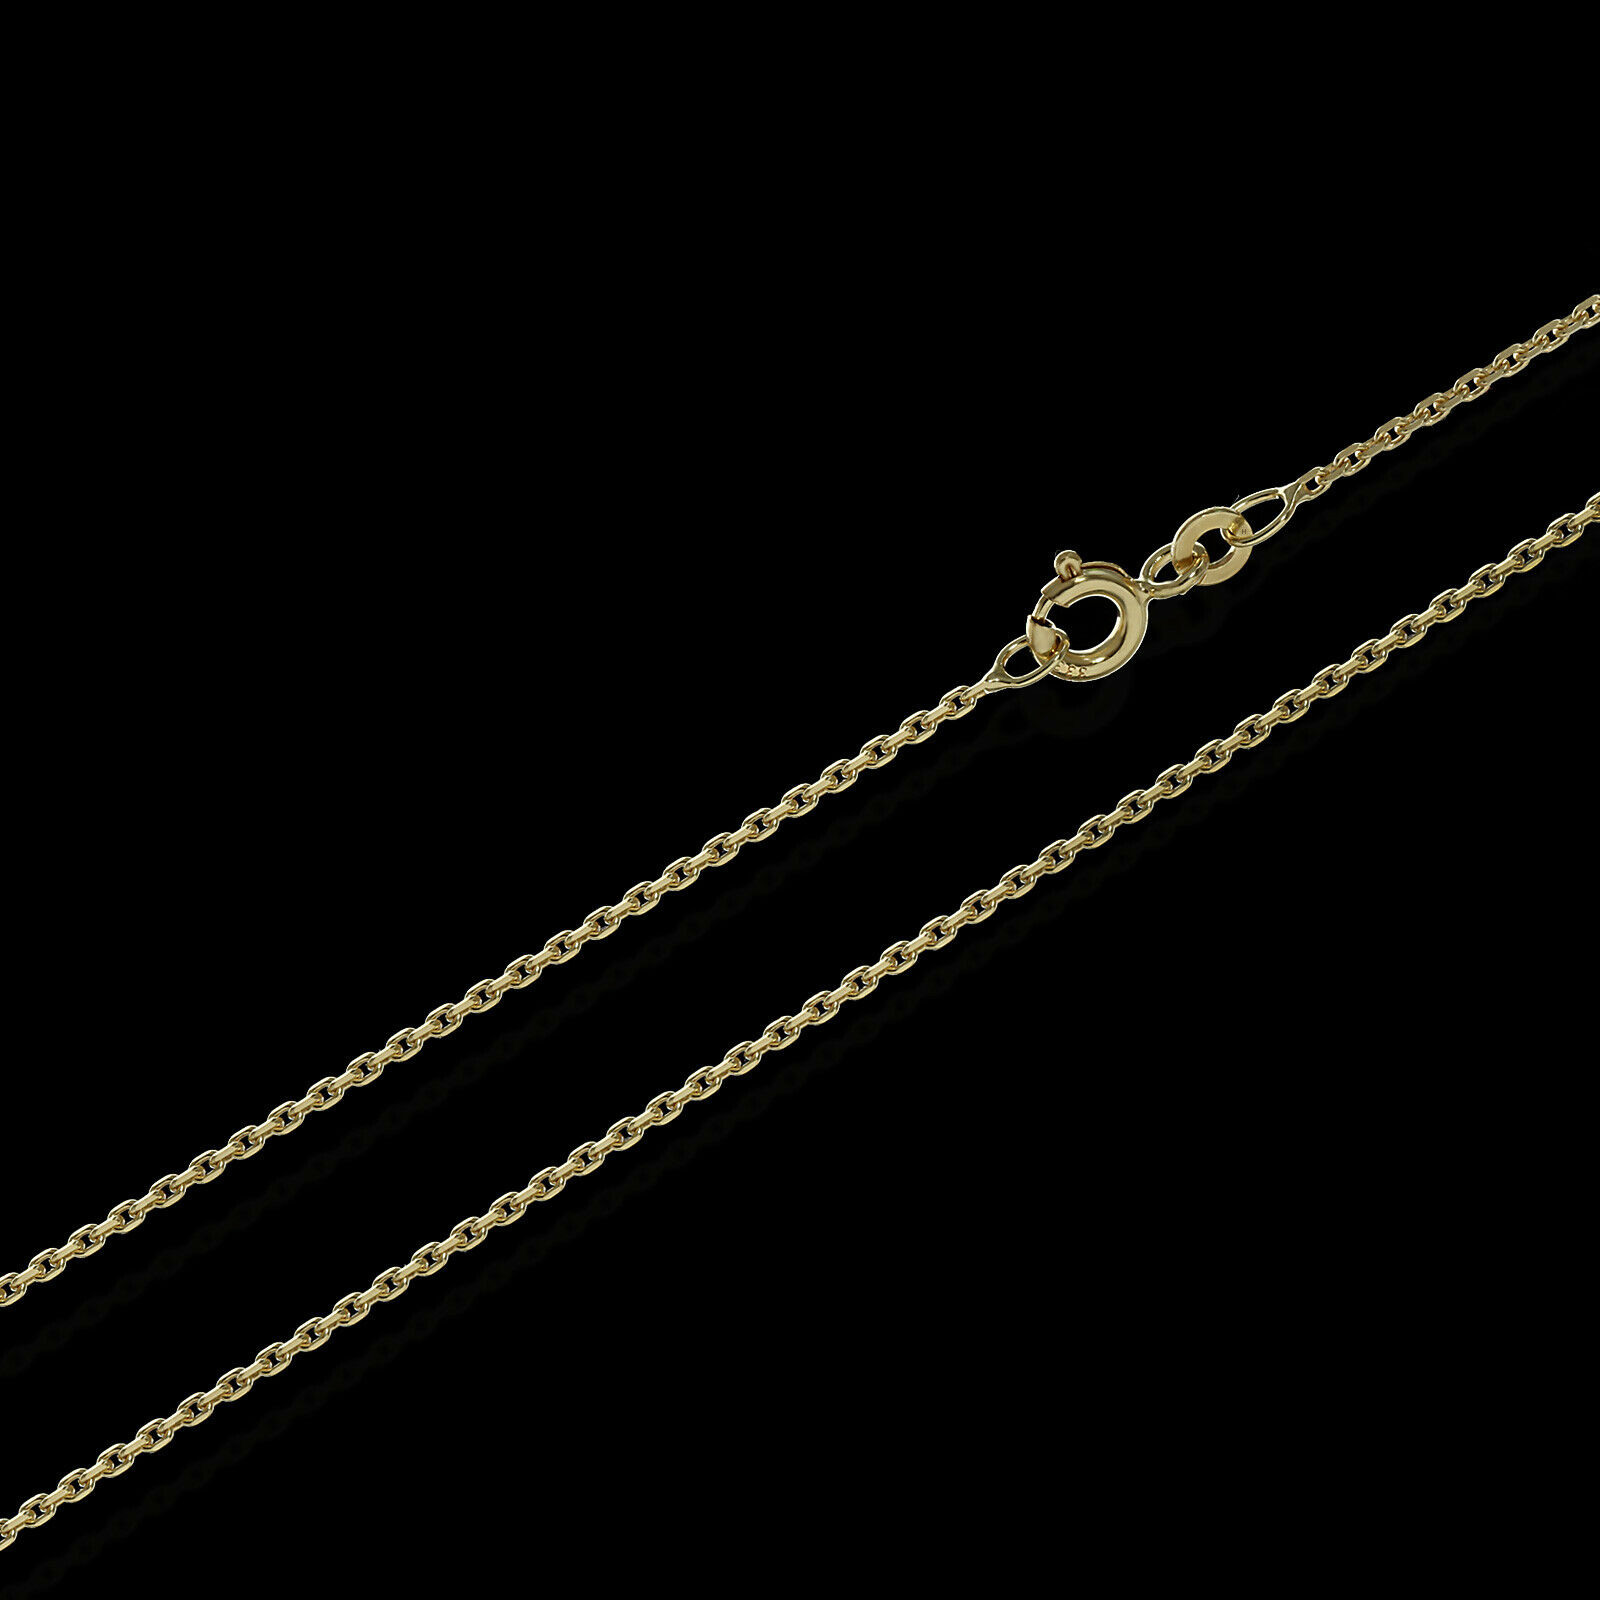 45cm ANKERKETTE Collier 333er yellow gold Kette Diamantiert 1,3mm 2,2g 3701